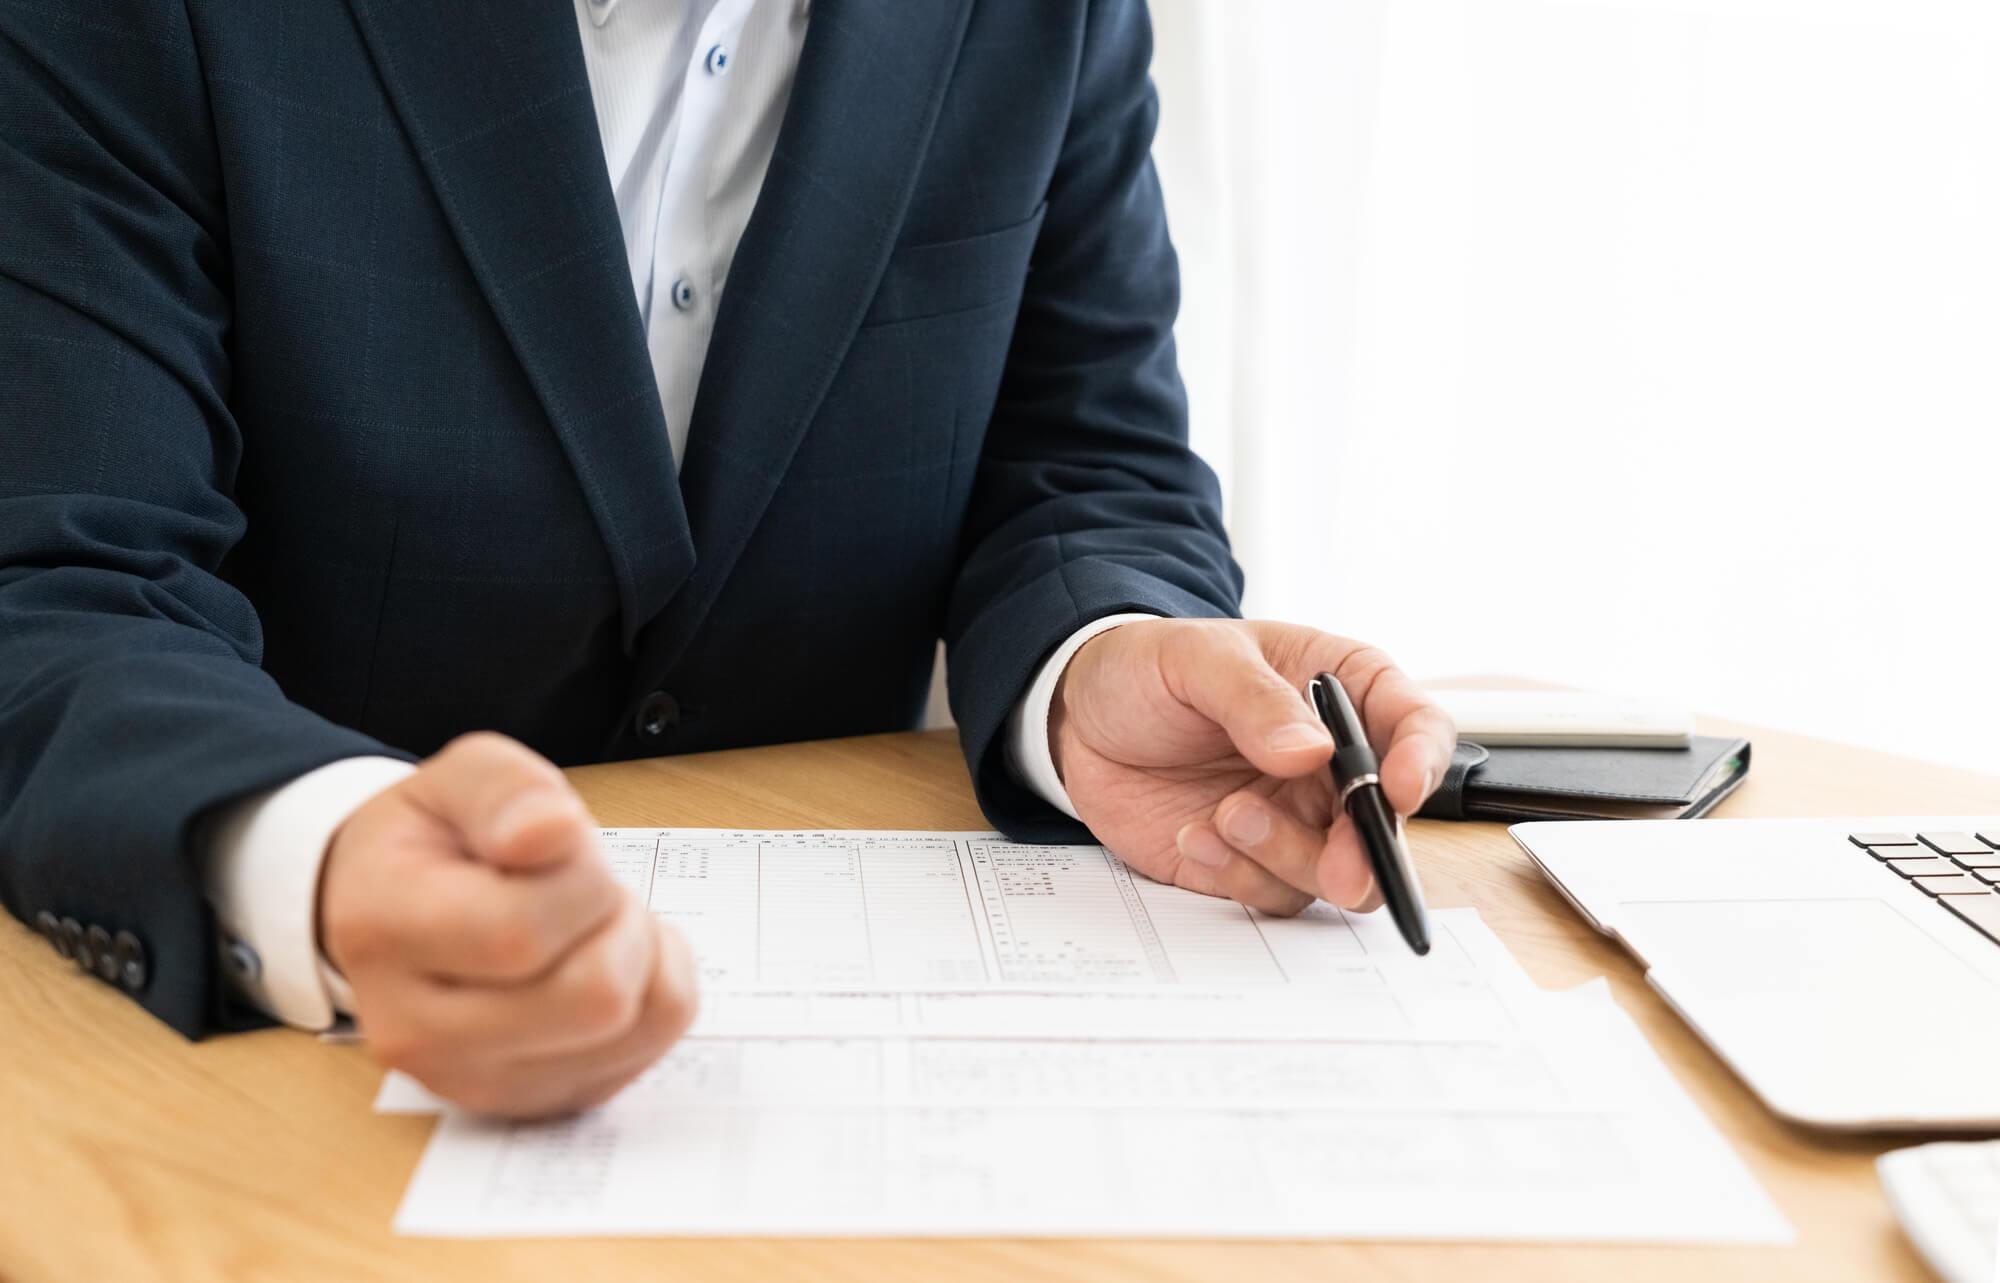 税理士の独立開業で失敗を招く3つの原因と成功へ繋がる対策